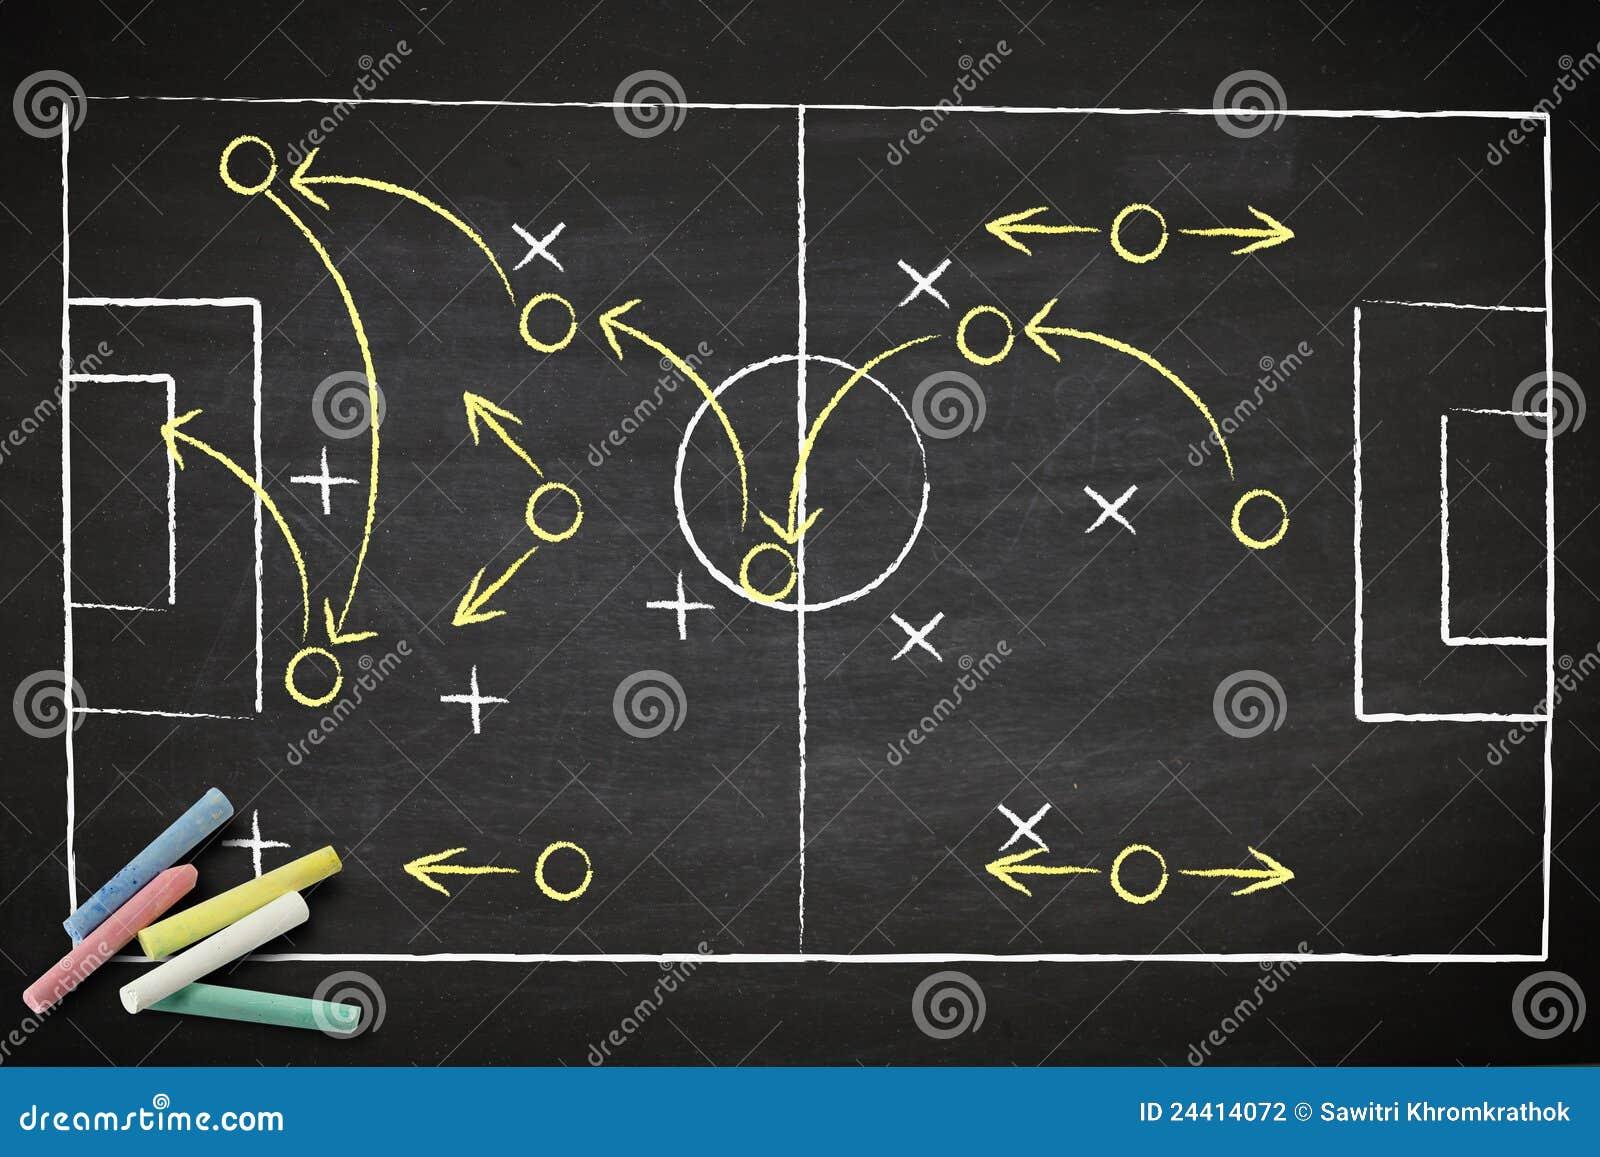 Estrategia del juego de fútbol en la pizarra.